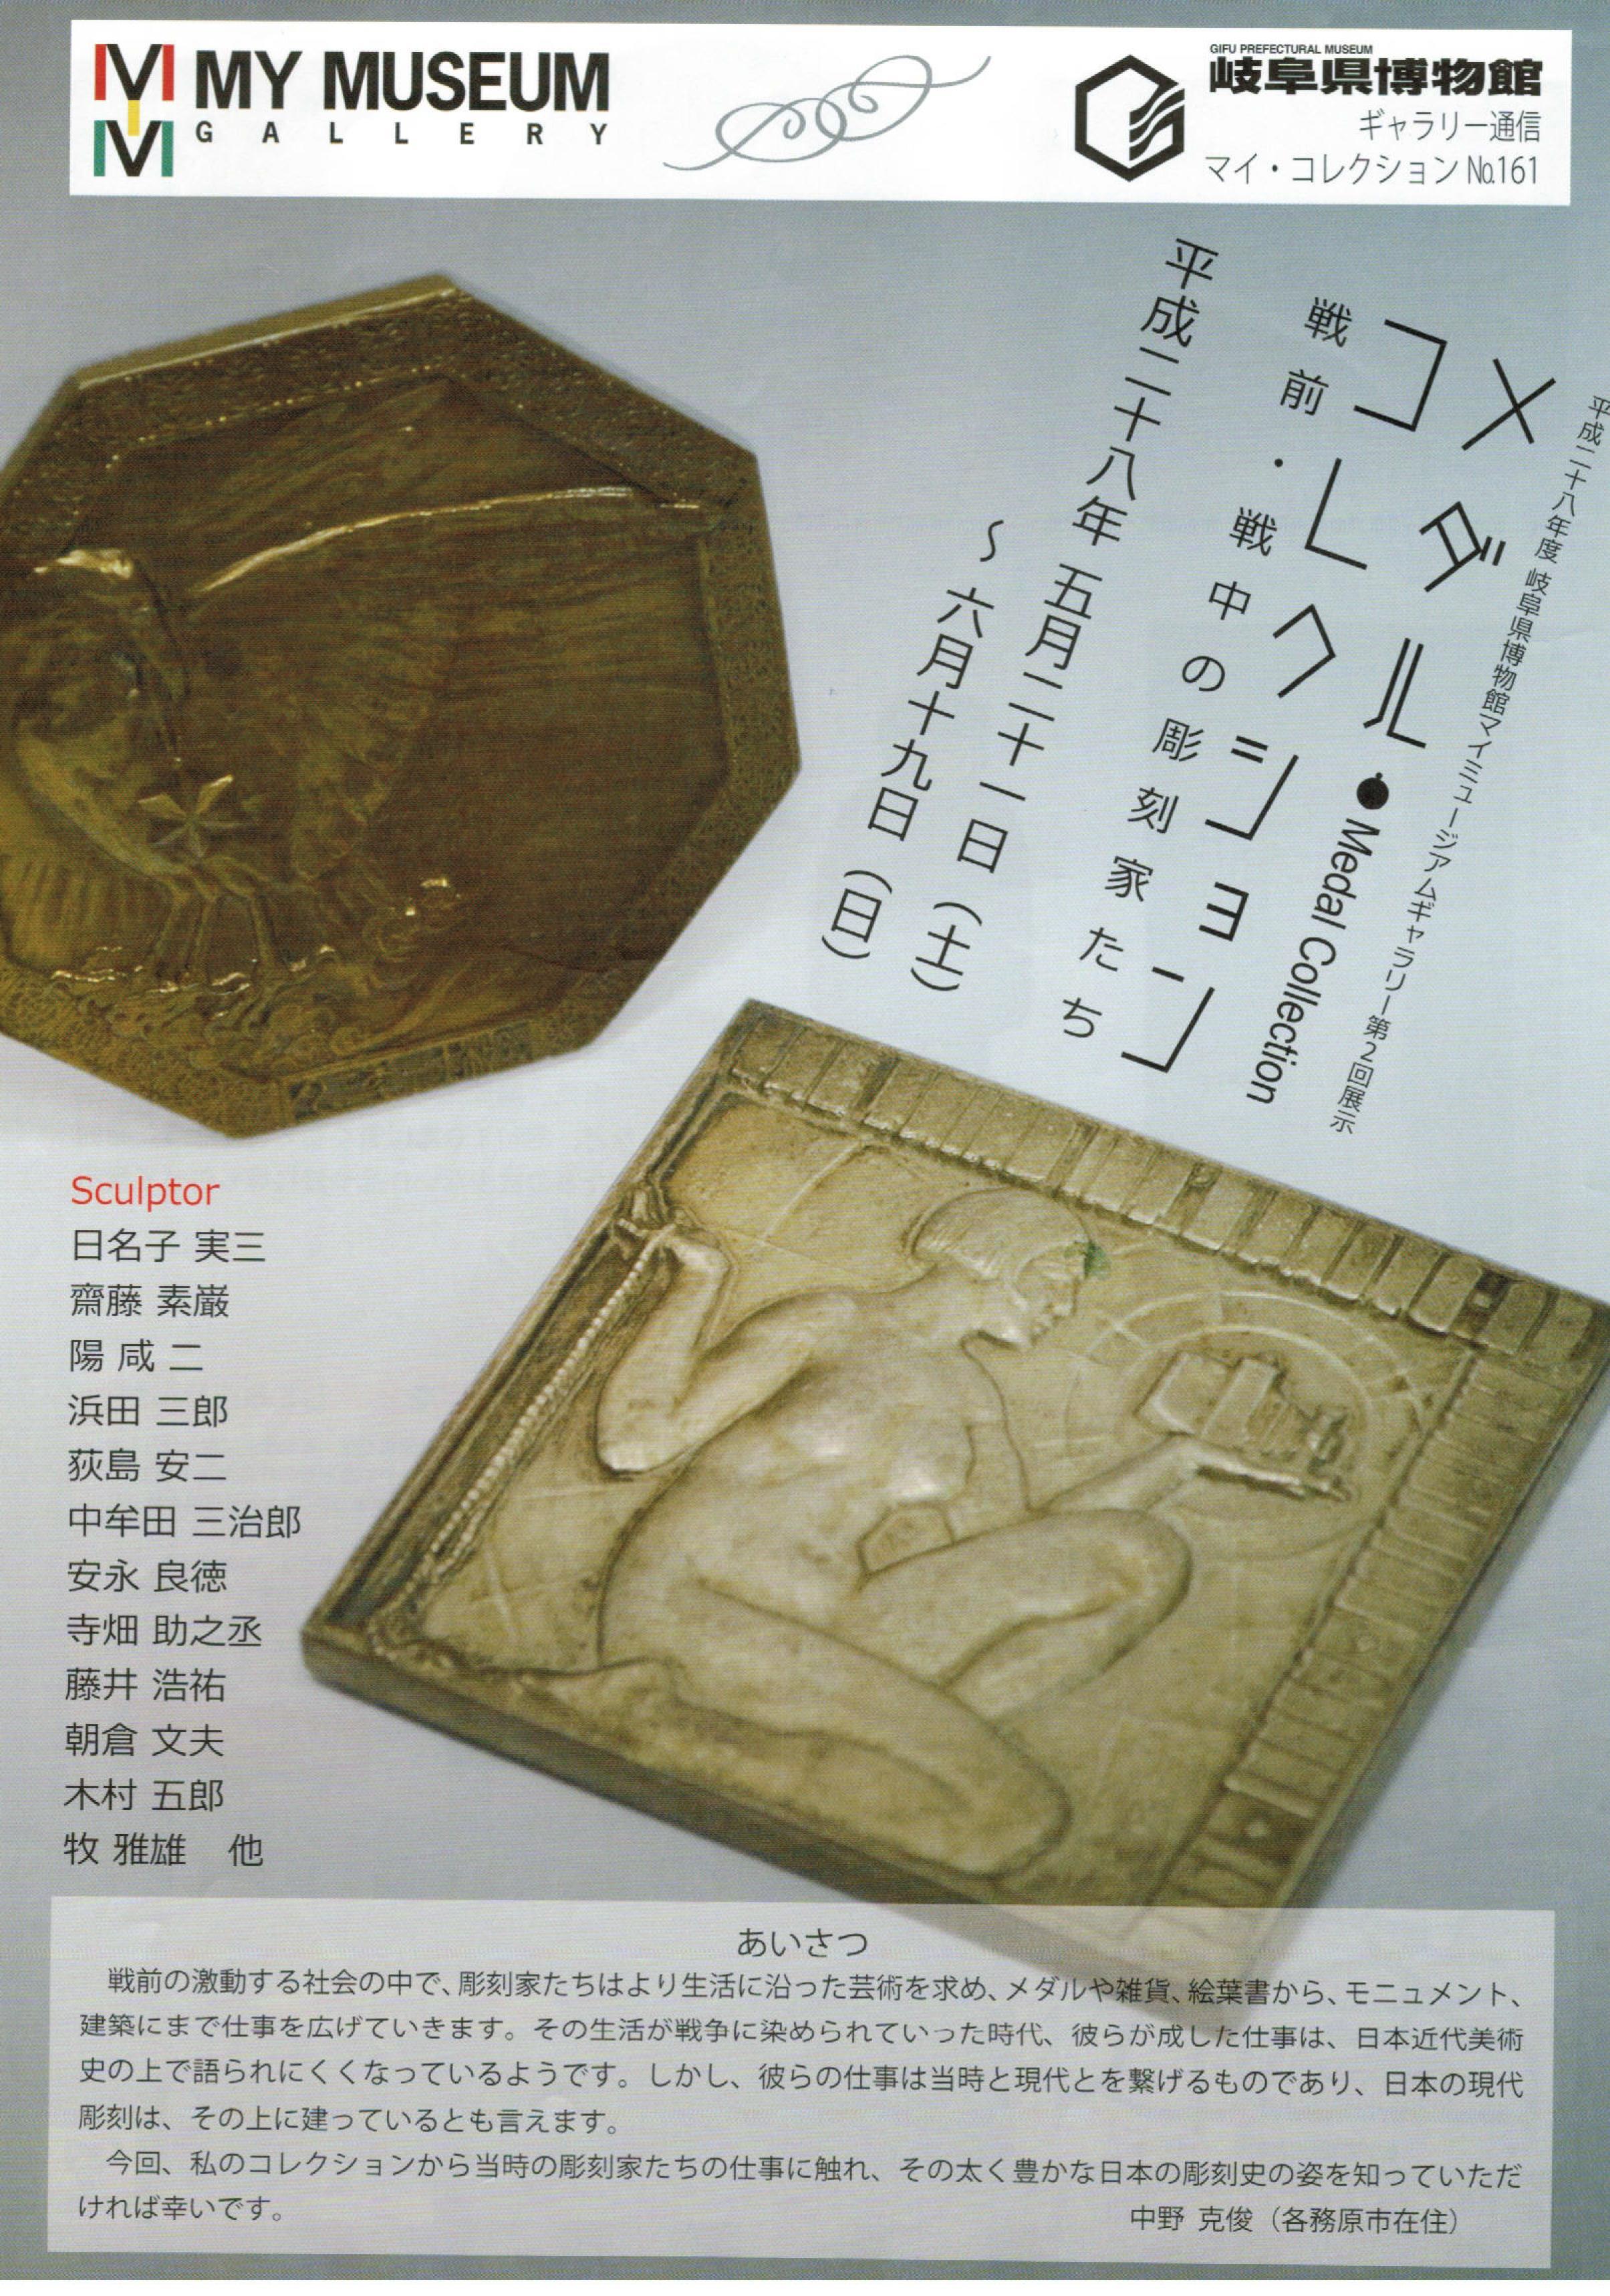 メダルコレクション展チラシ_01